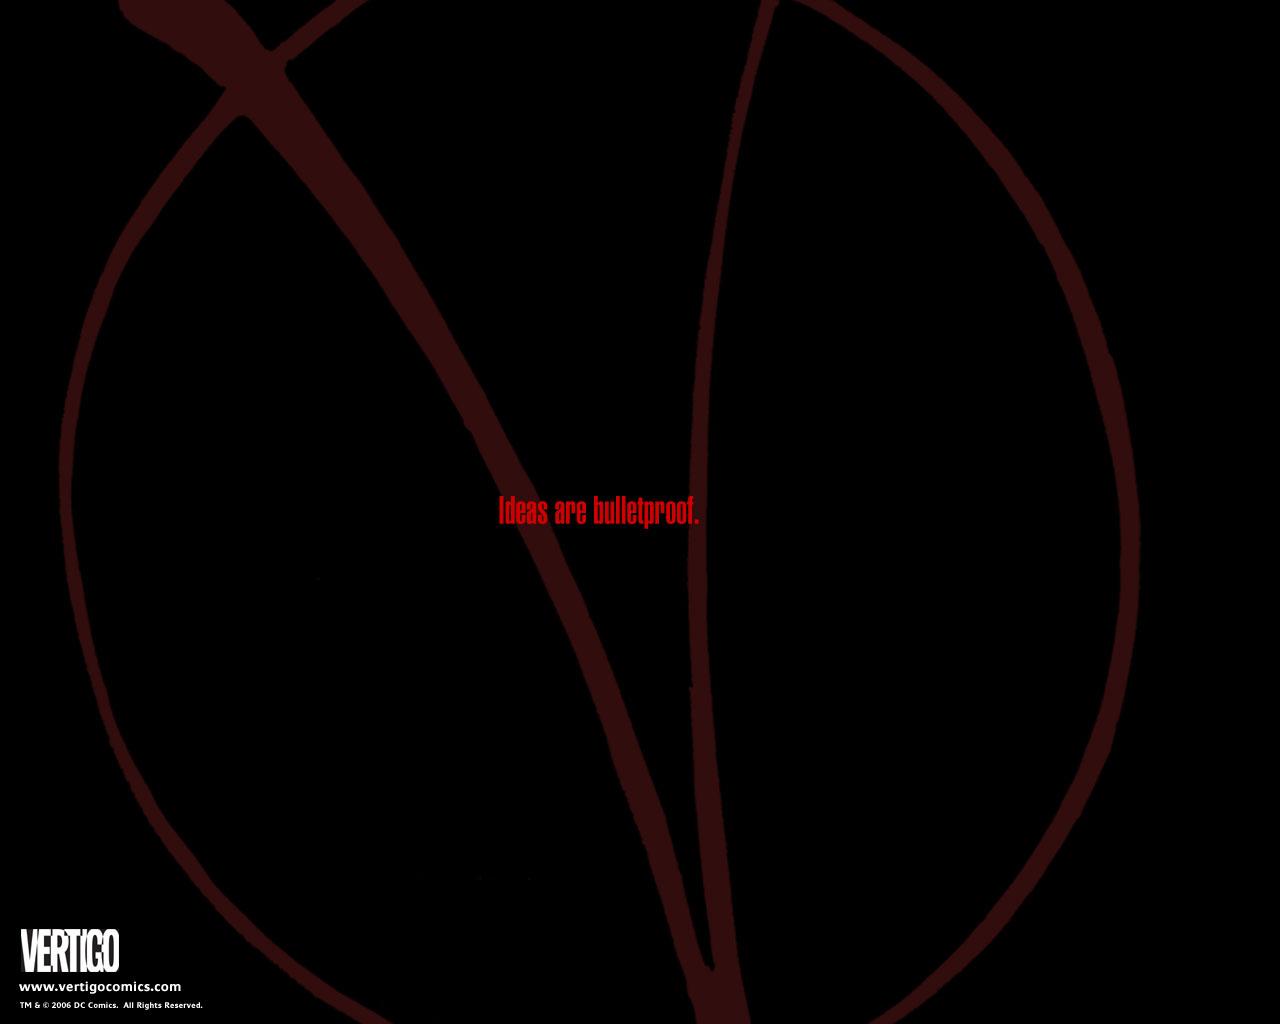 for Vendetta   V for Vendetta Wallpaper 473662 1280x1024